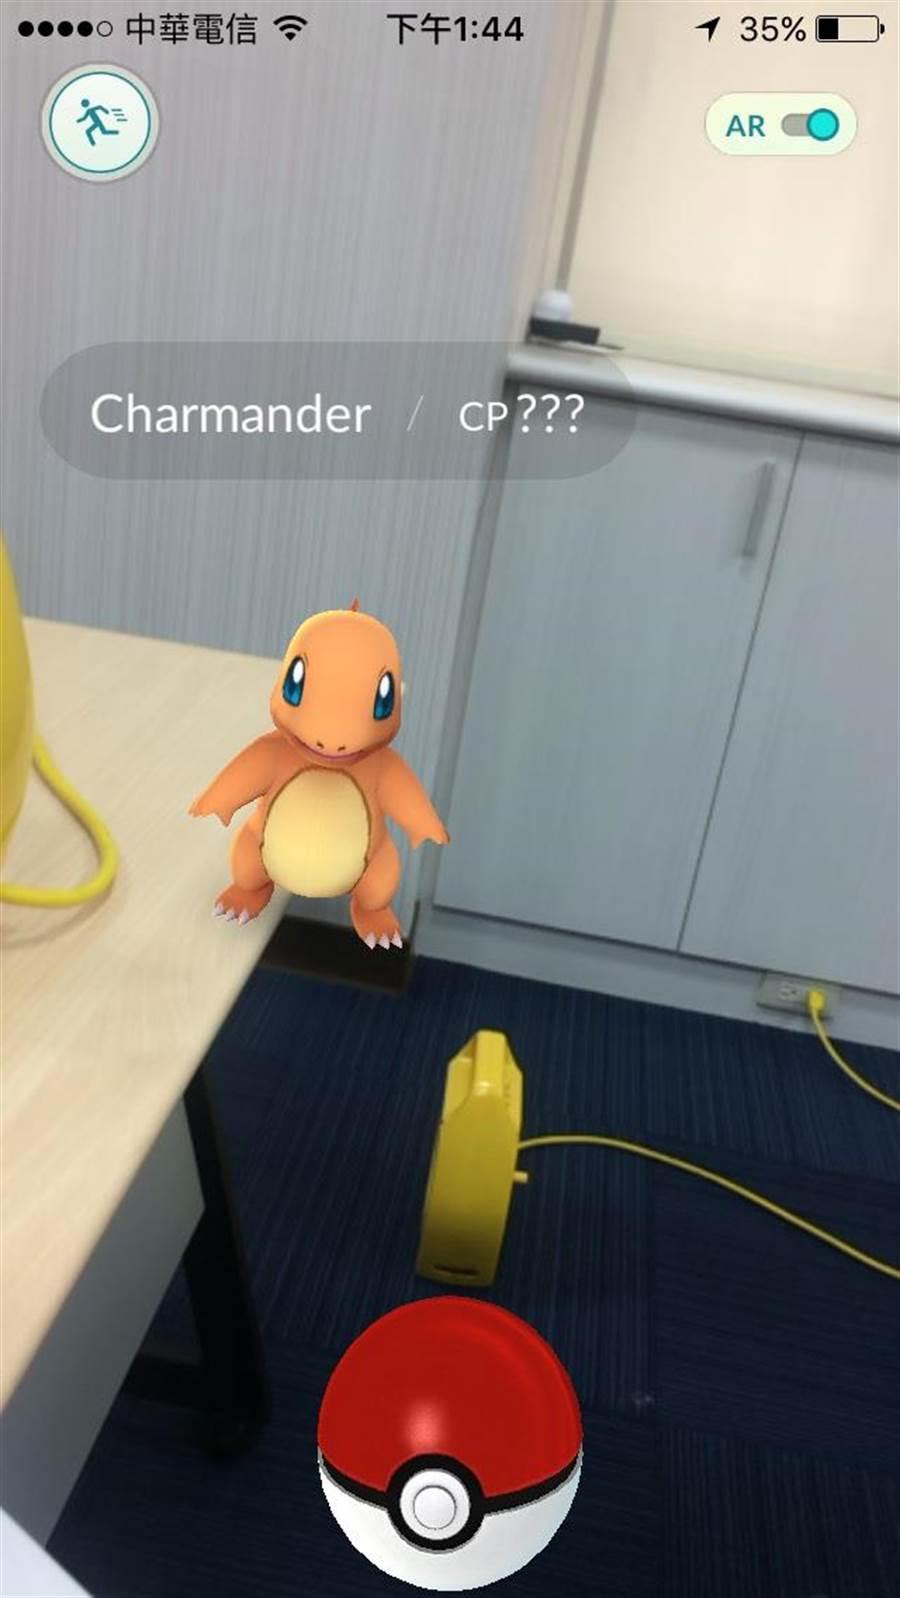 「精靈寶可夢」(Pokemon Go)手機遊戲今天上架,不少民眾躍躍欲試。(廖珮妤翻攝)